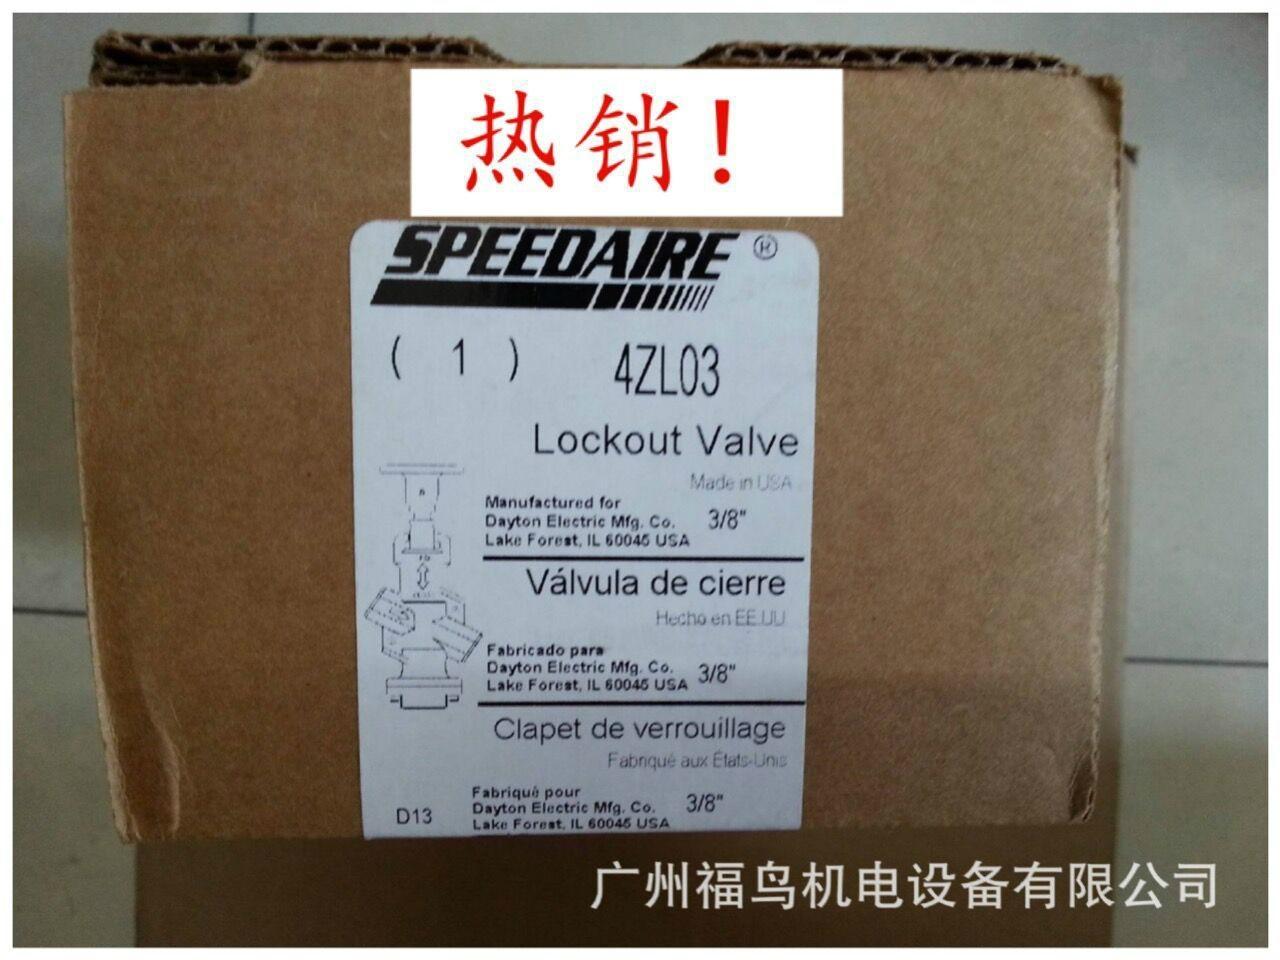 SPEEDAIRE鎖閥  型號: 4ZL03